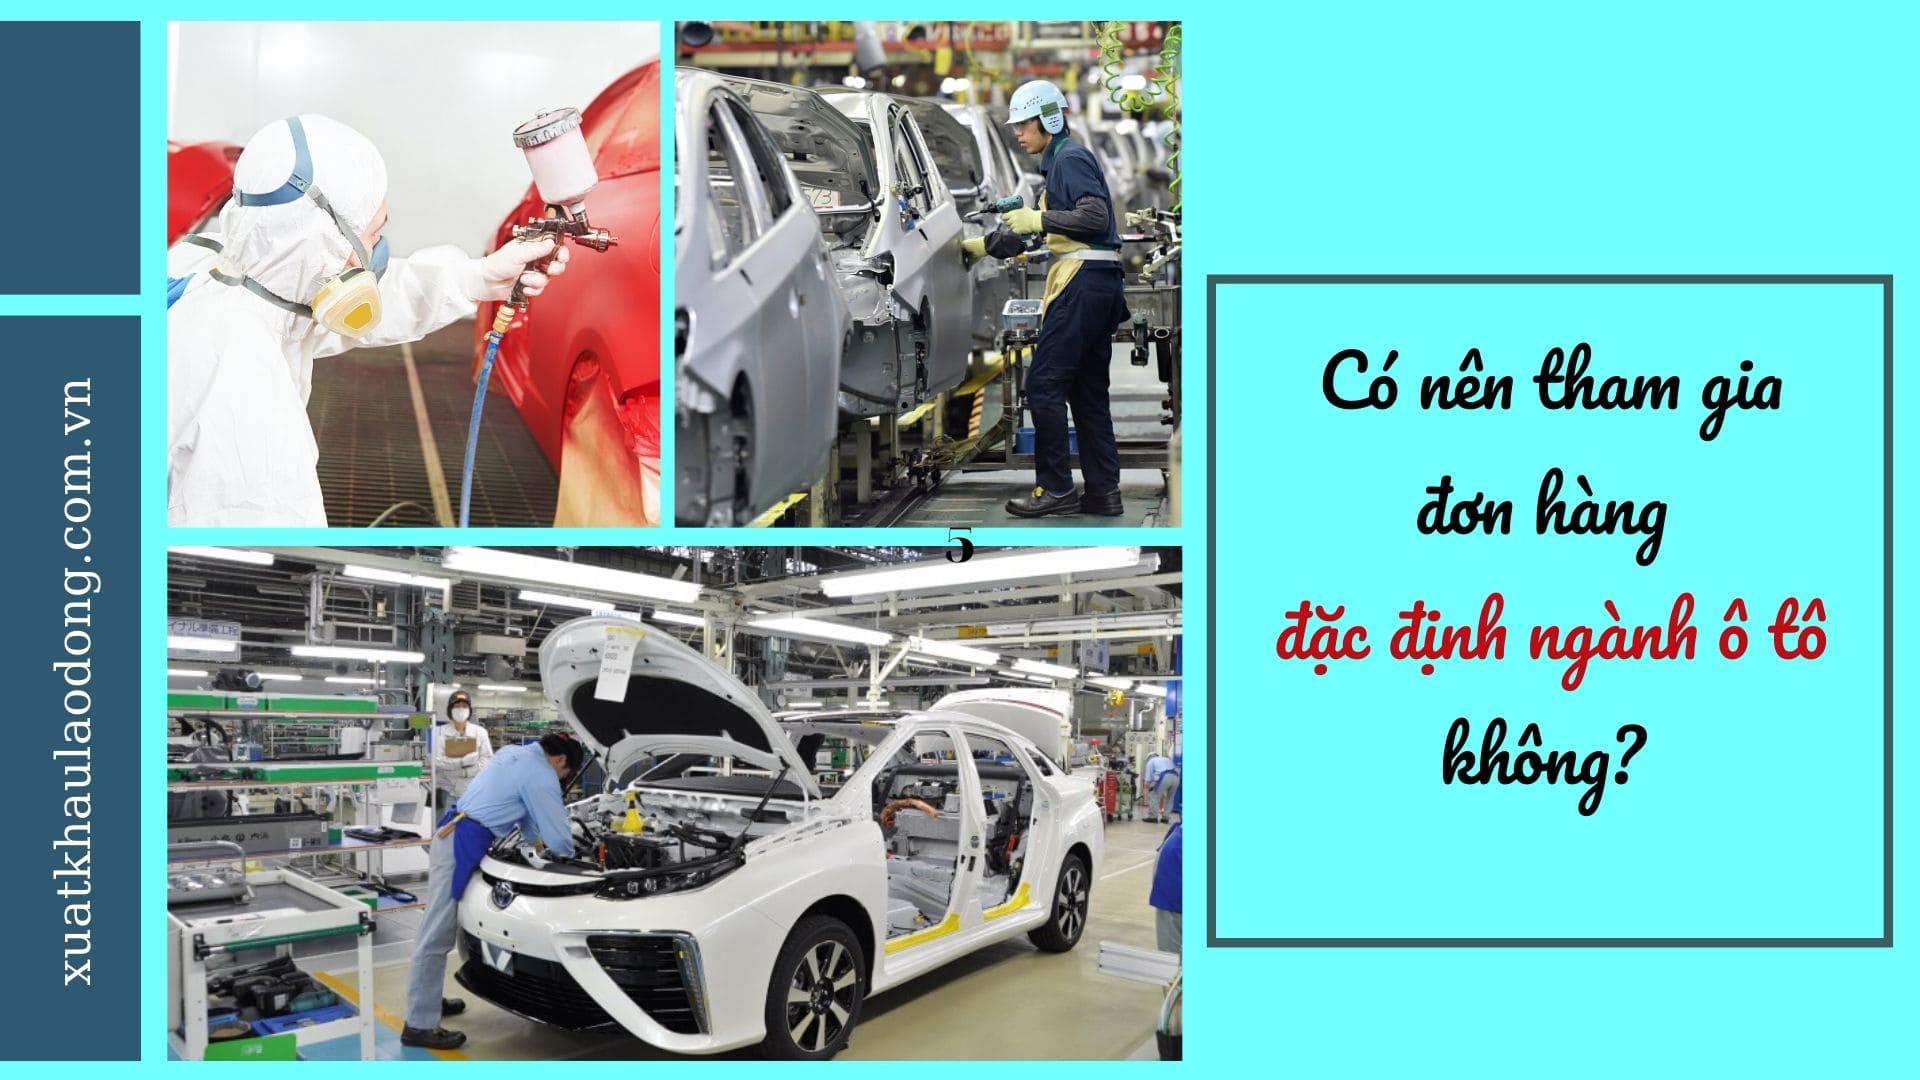 Có nên tham gia đơn hàng đặc định Nhật Bản ngành ô tô không?